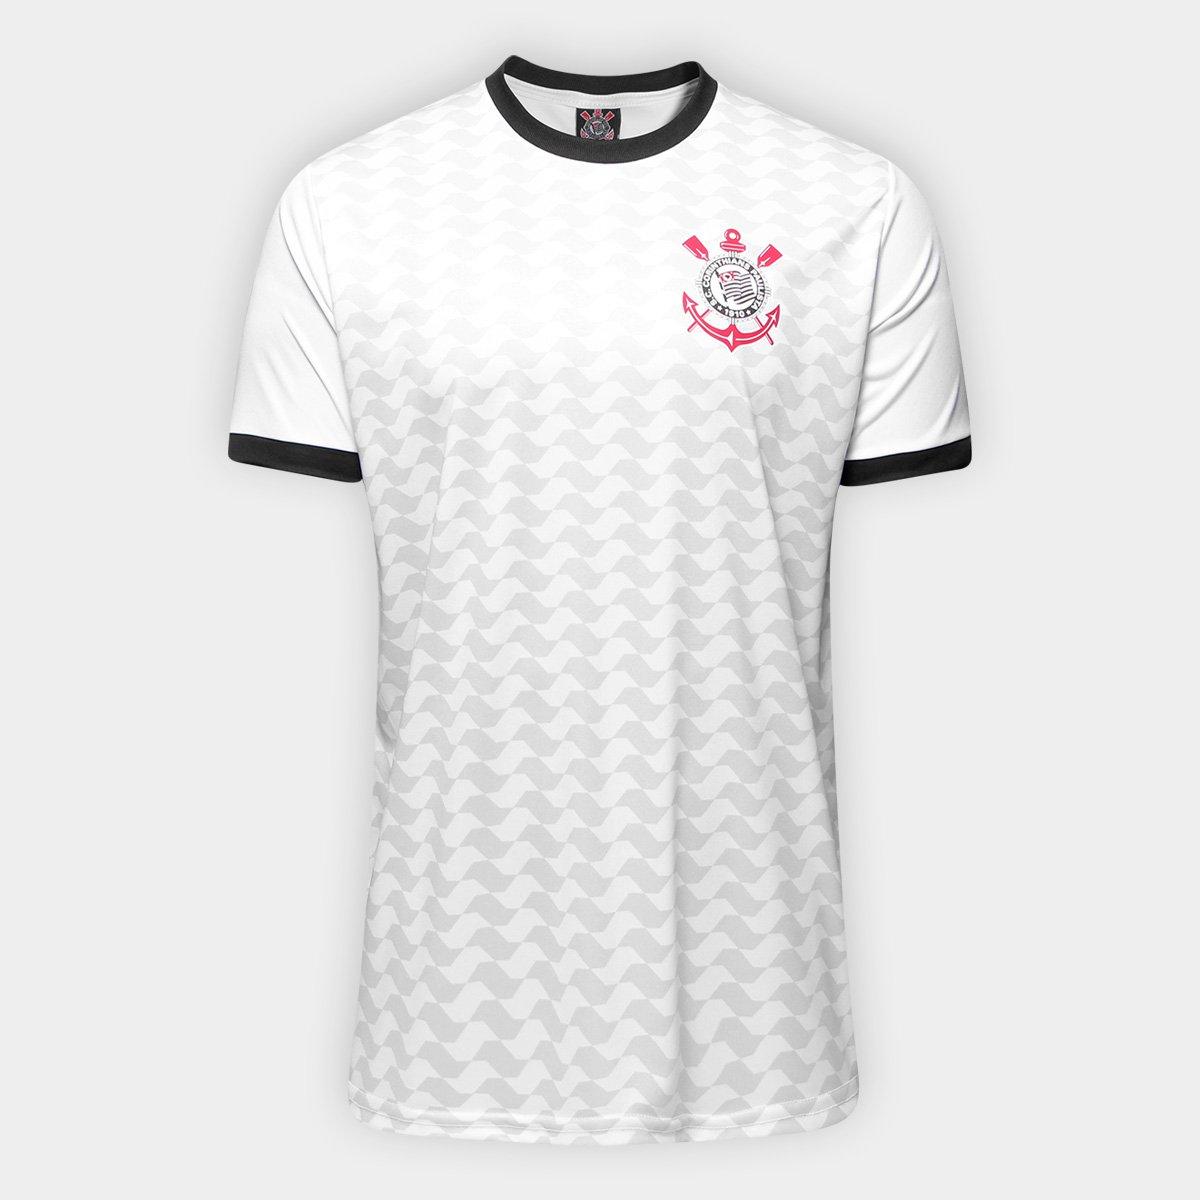 07a8f3d893 Camisa Corinthians Libertados Masculina